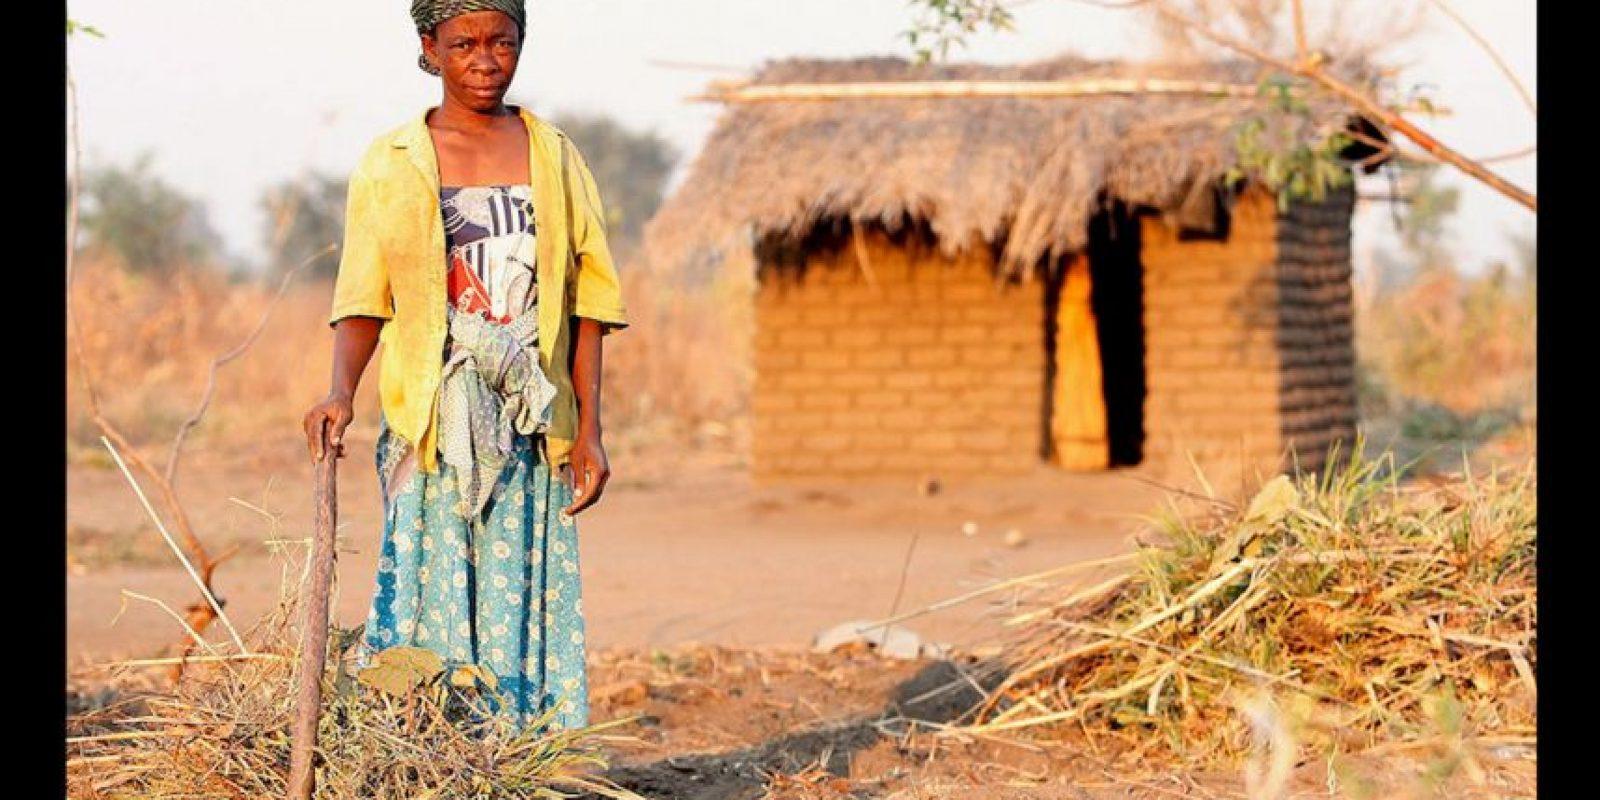 De no realizarse, se cree que una enfermedad o la mala suerte pueden azotar a la joven, a su familia o a la comunidad entera. Foto:Getty Images